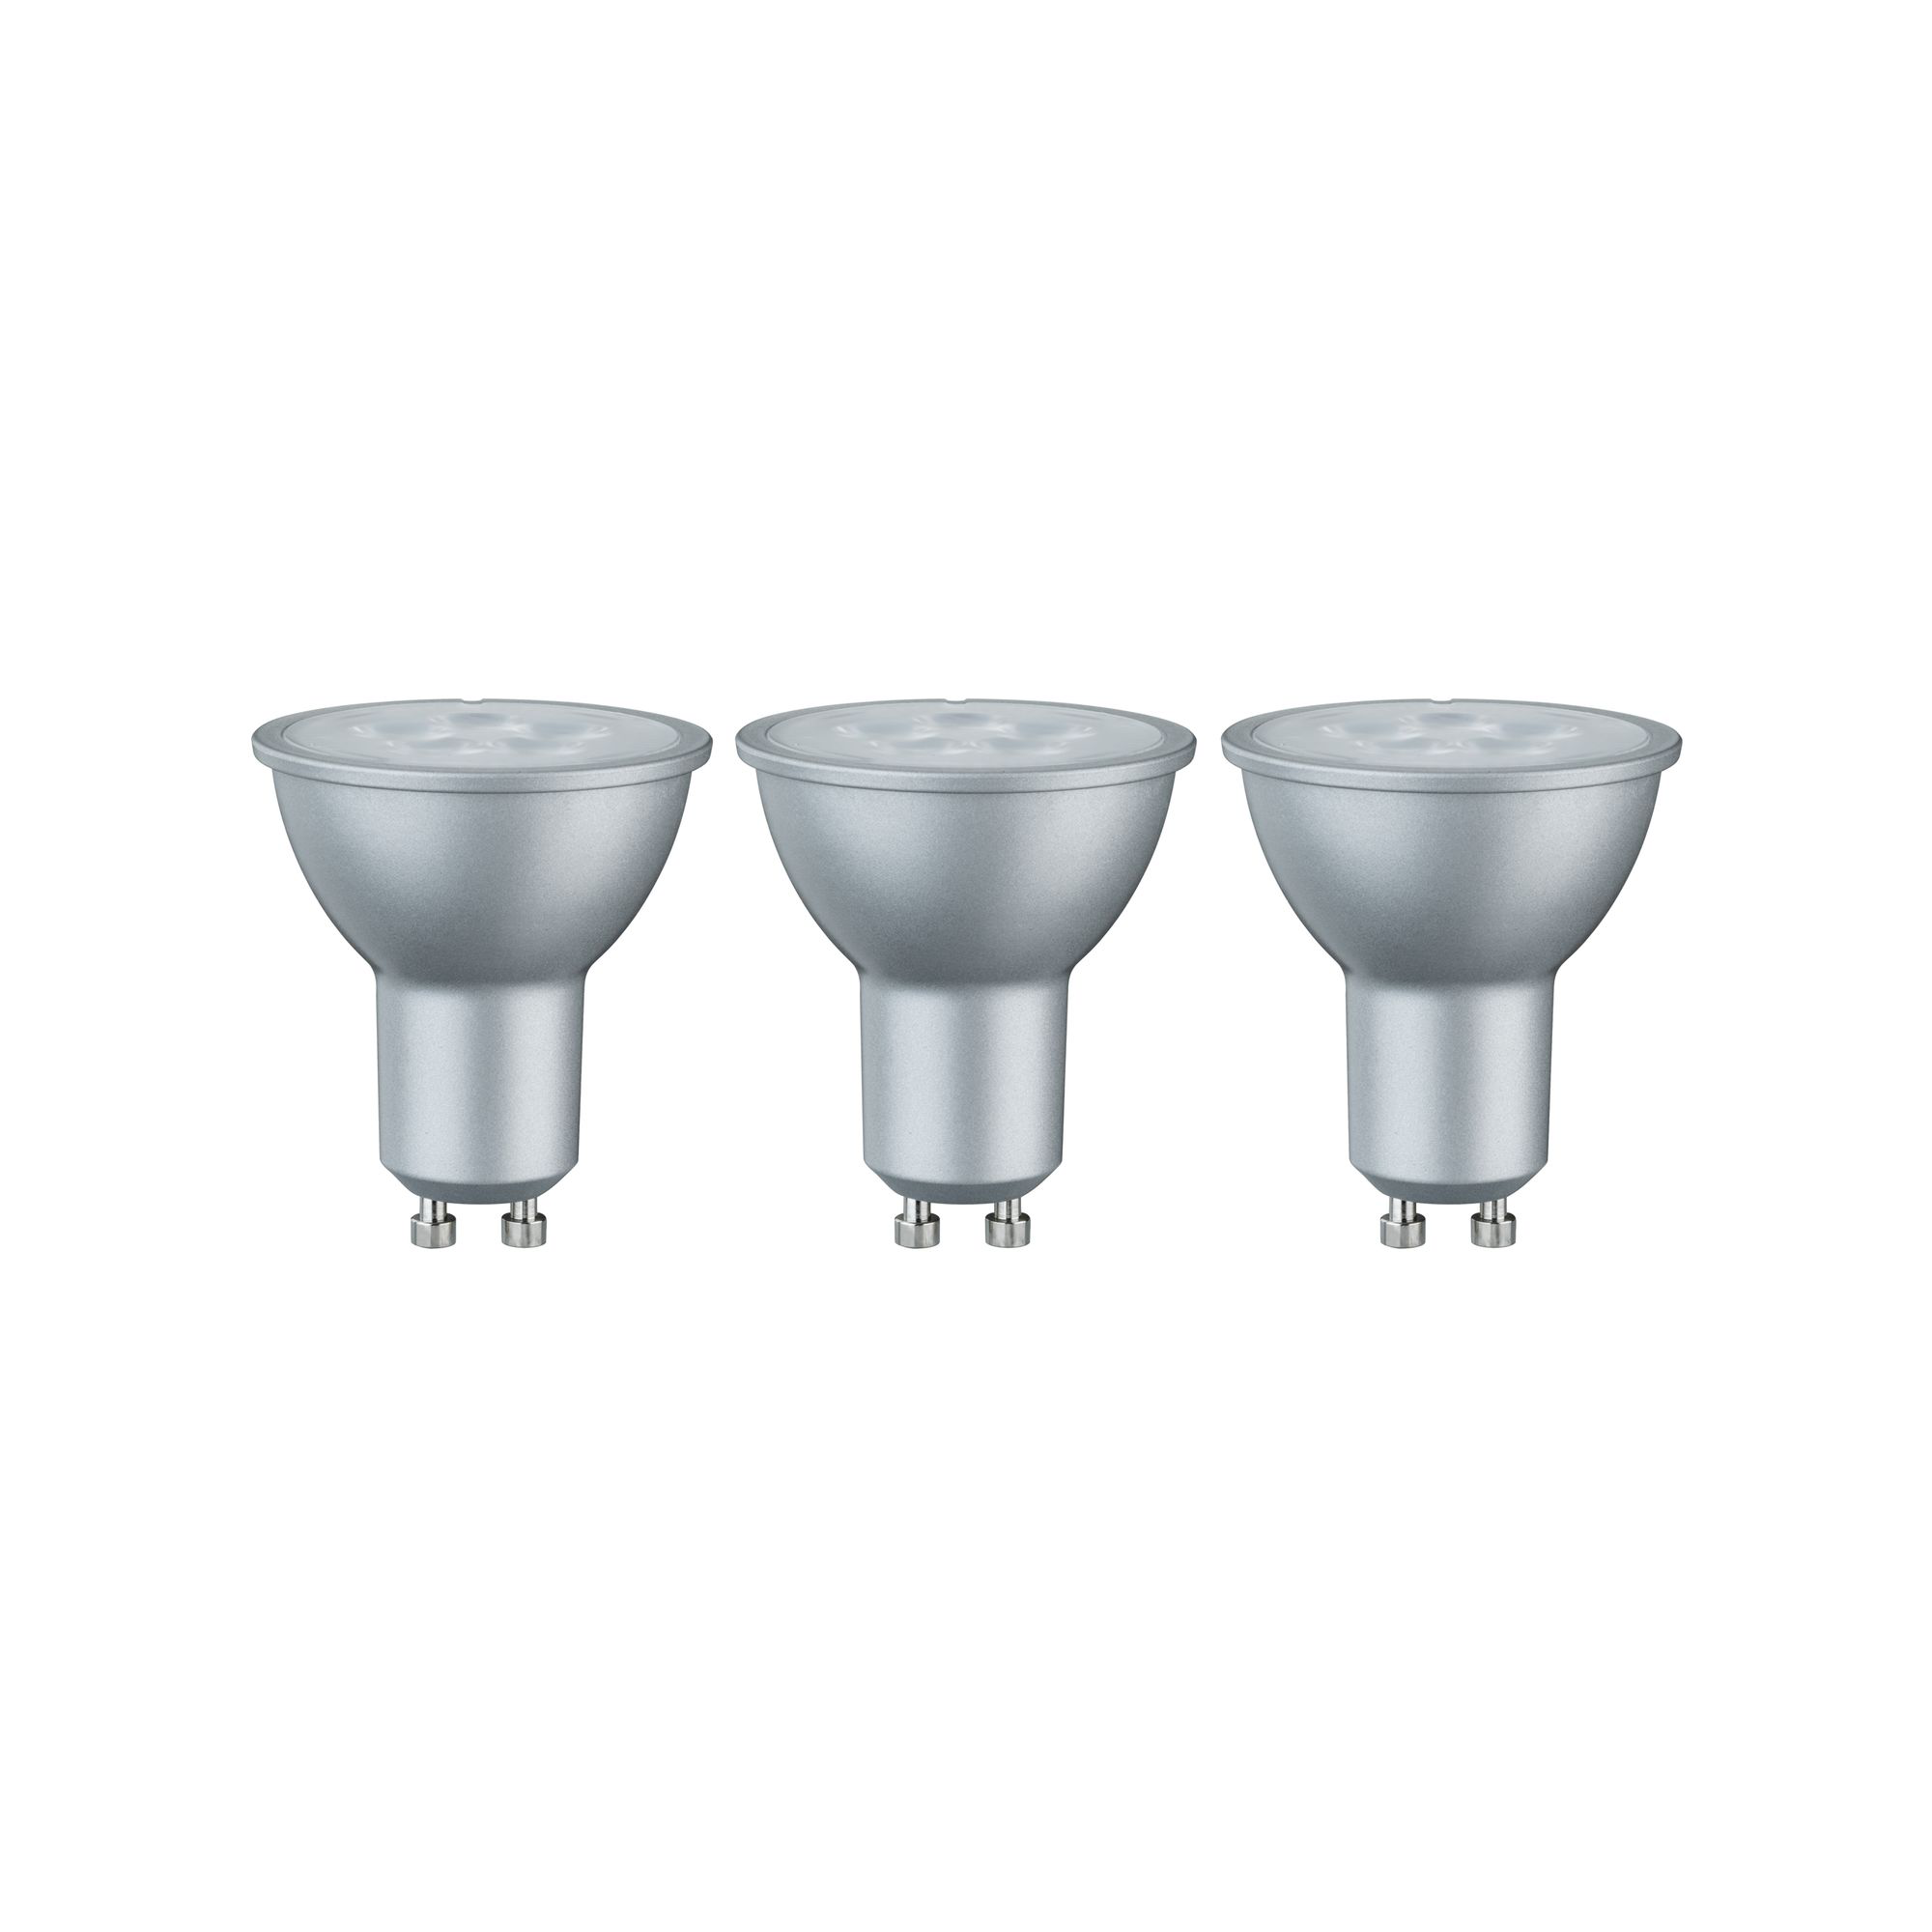 Лампа светодиодная Paulmann Рефлекторная 6.5Вт 425лм 2700К GU10 230В Алюминий Набор 3шт. 28430.